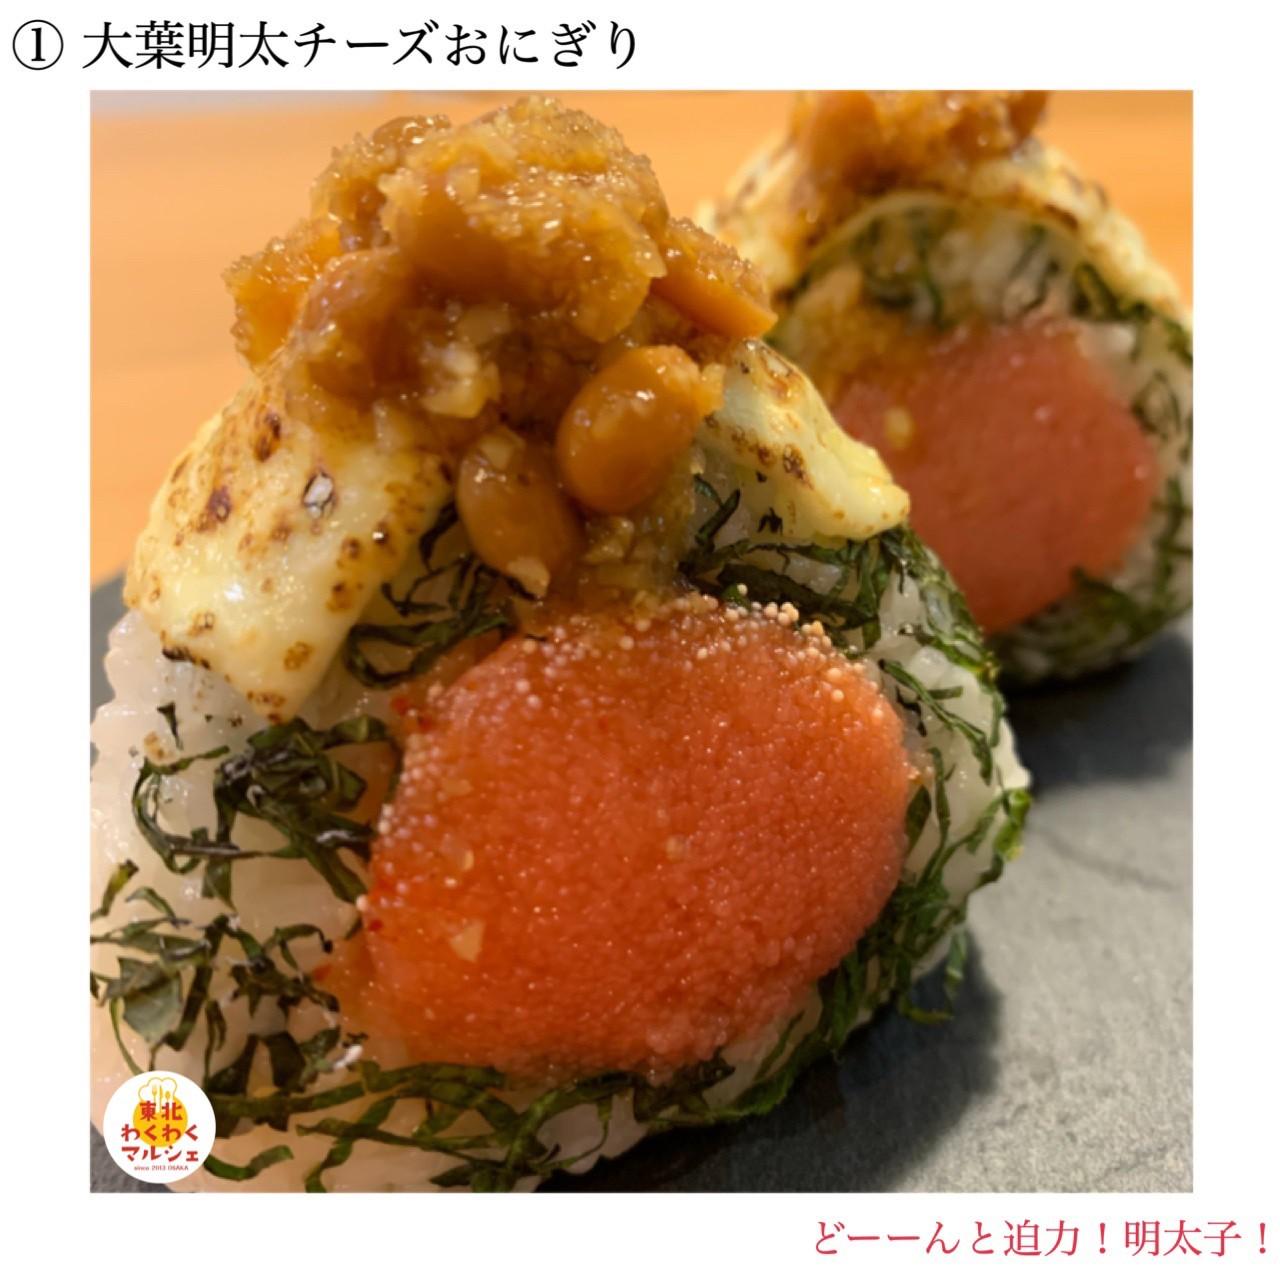 レシピ公開!!絶品ご飯のお供    納豆入りうまくて生姜ねえ!!